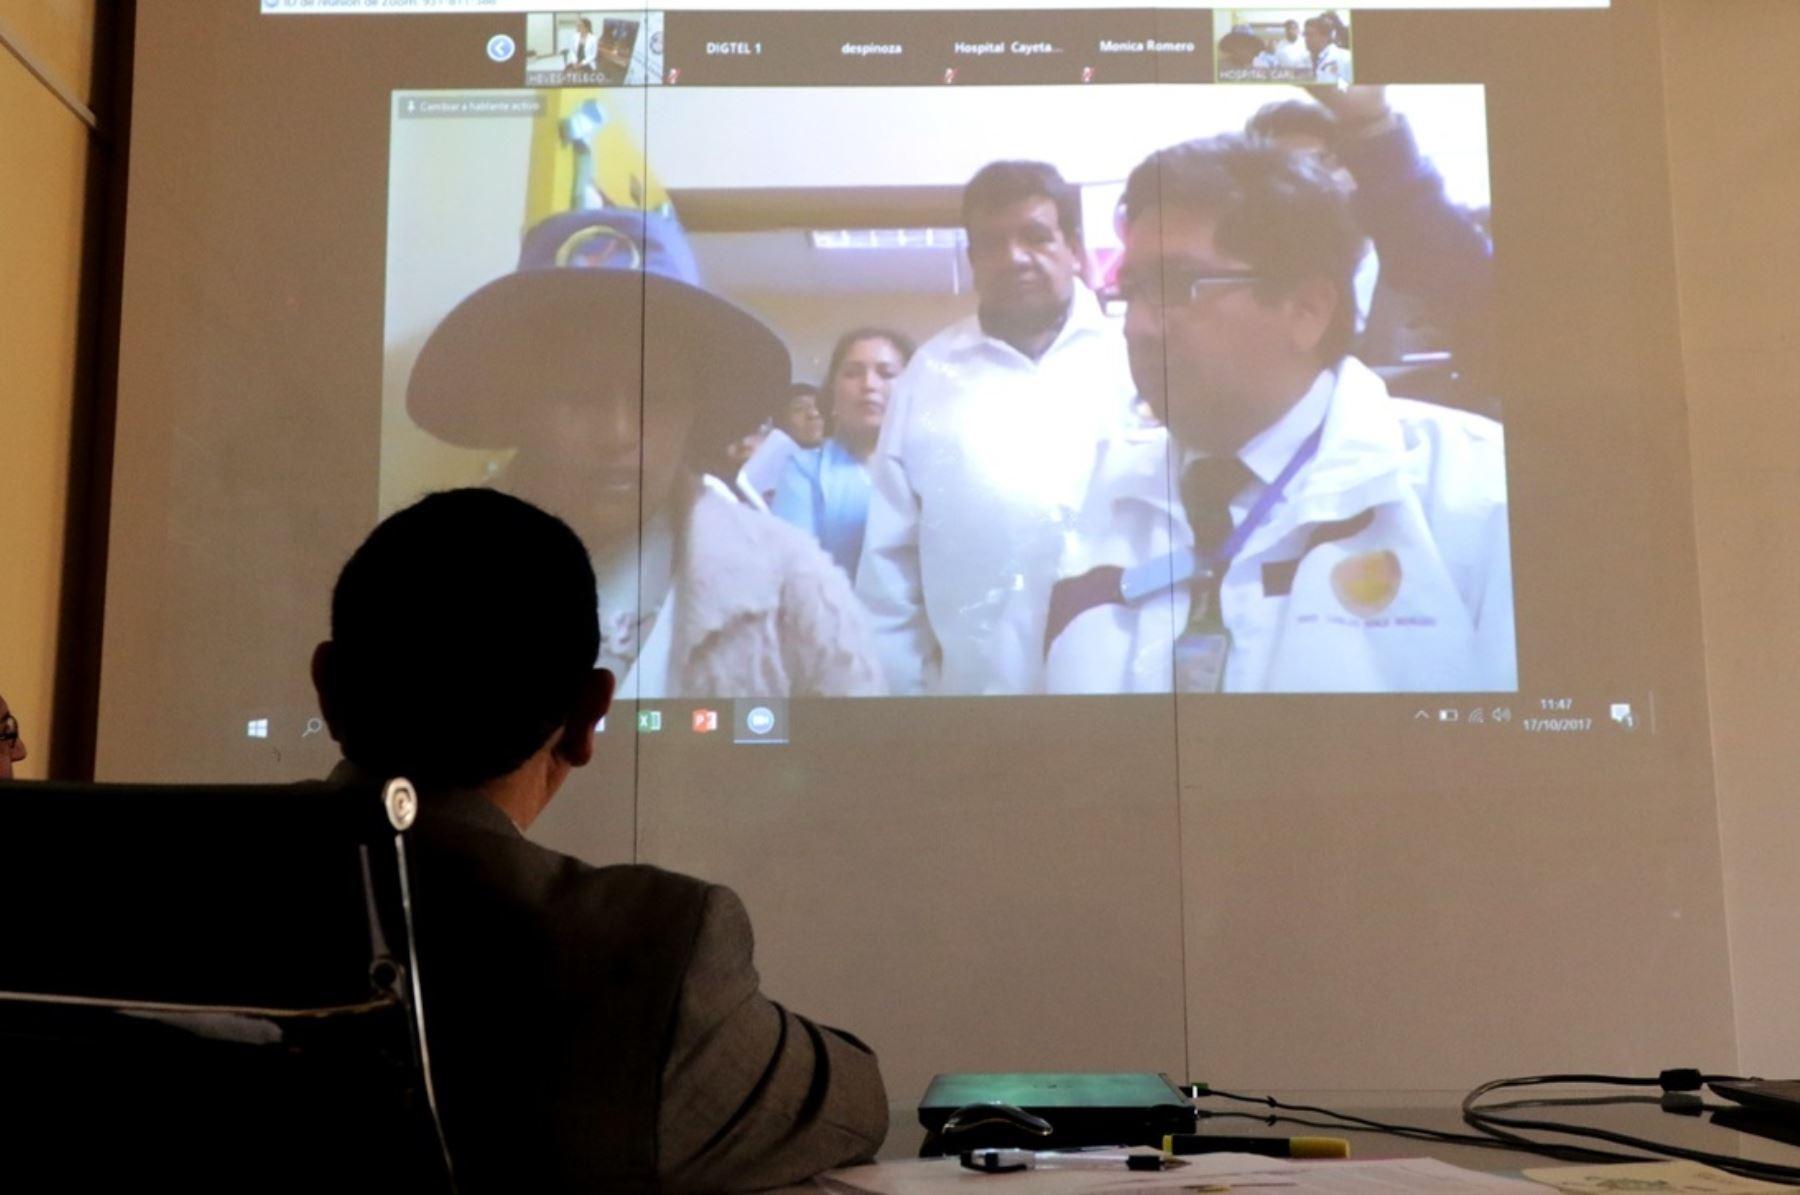 Gobierno dotará de equipamiento para telemedicina a más de 4,000 establecimientos de salud